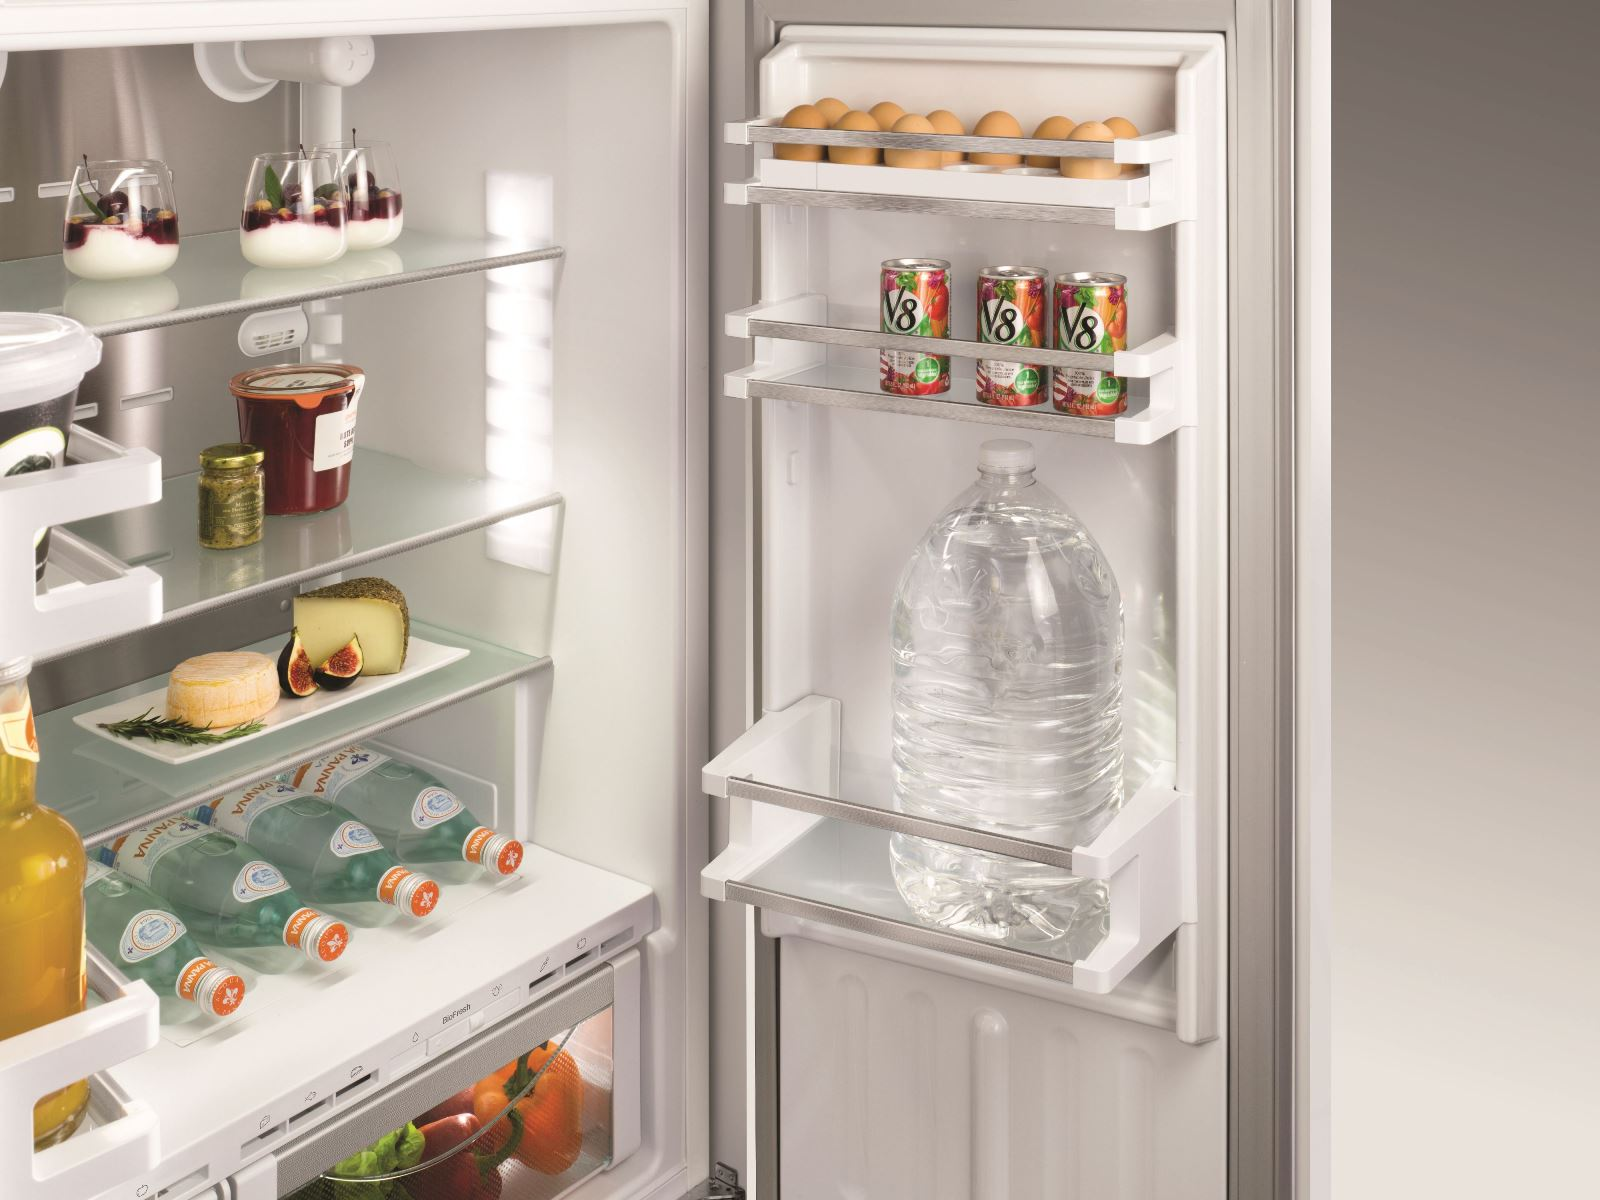 купить Встраиваемый двухкамерный холодильник Liebherr ECBN 6256 Украина фото 9